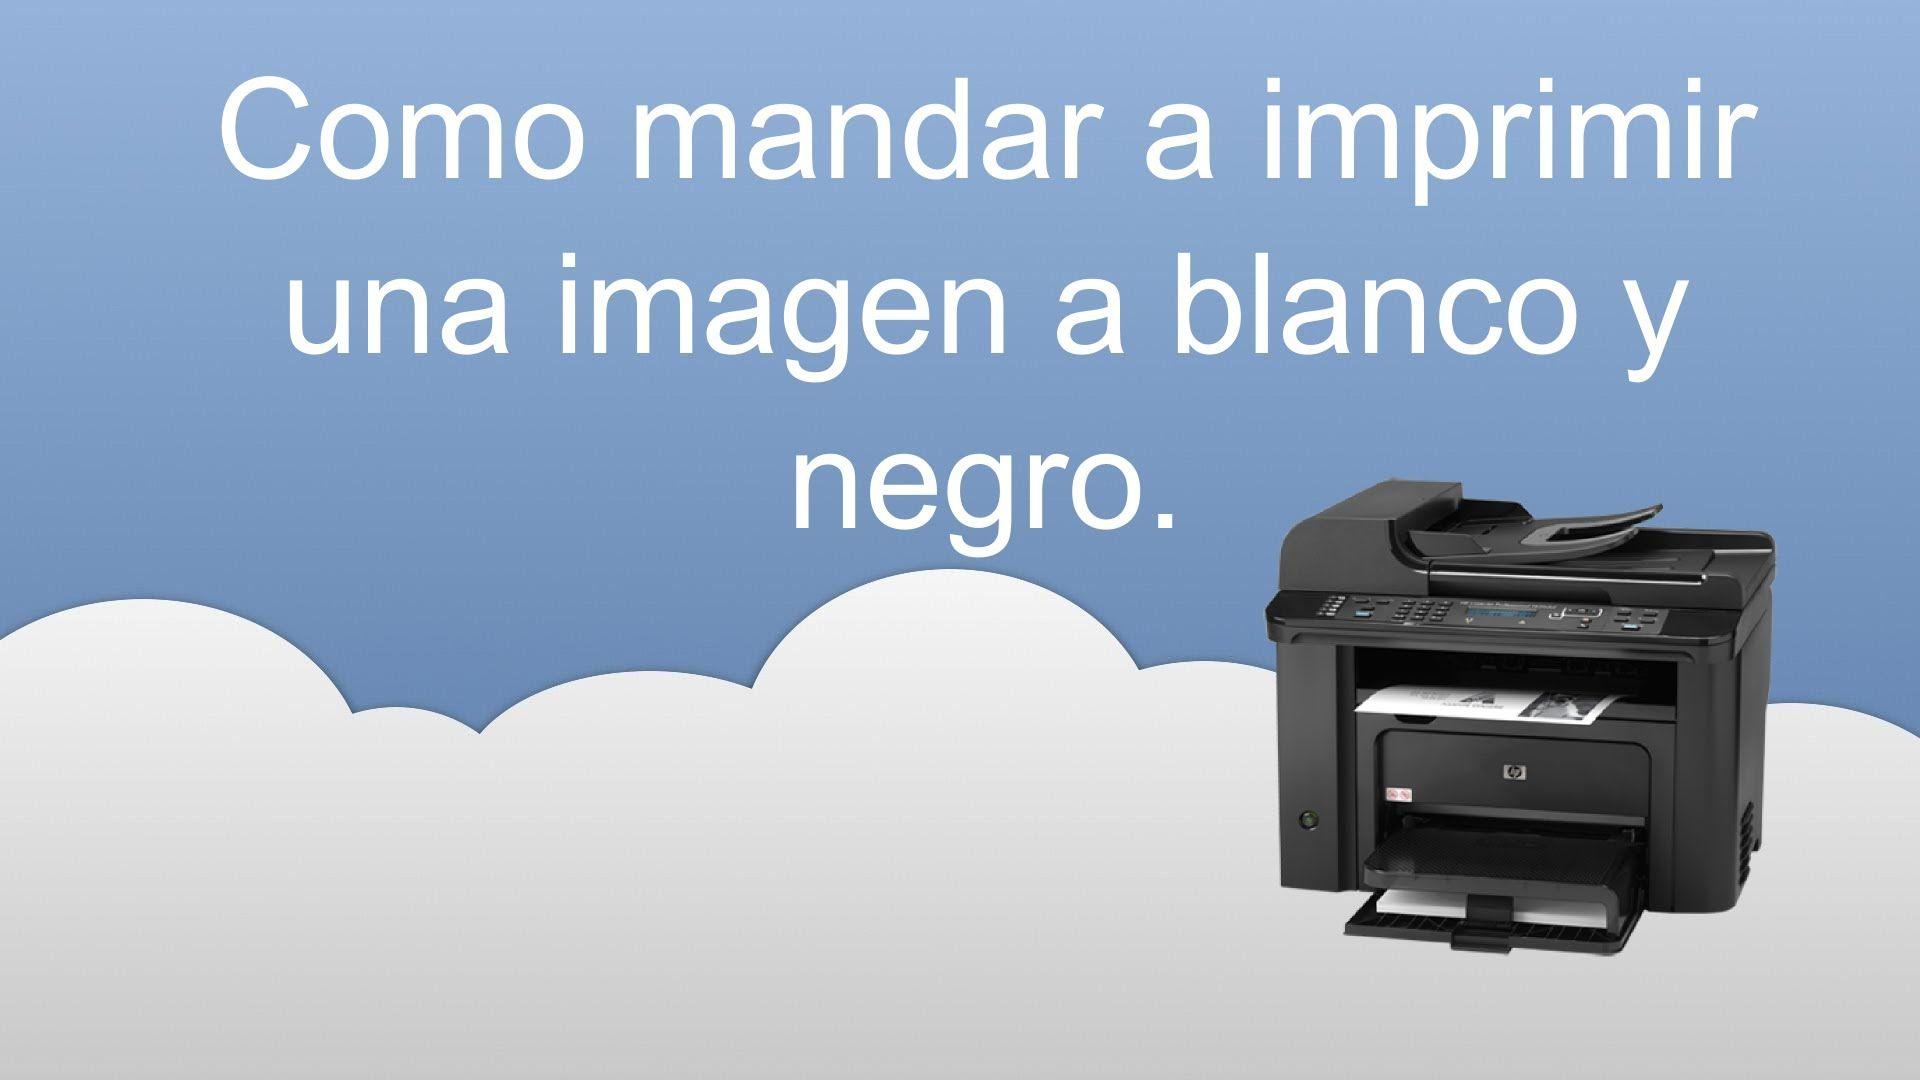 Modelos Impresoras En Blanco Y Negro Buenas Y Baratas